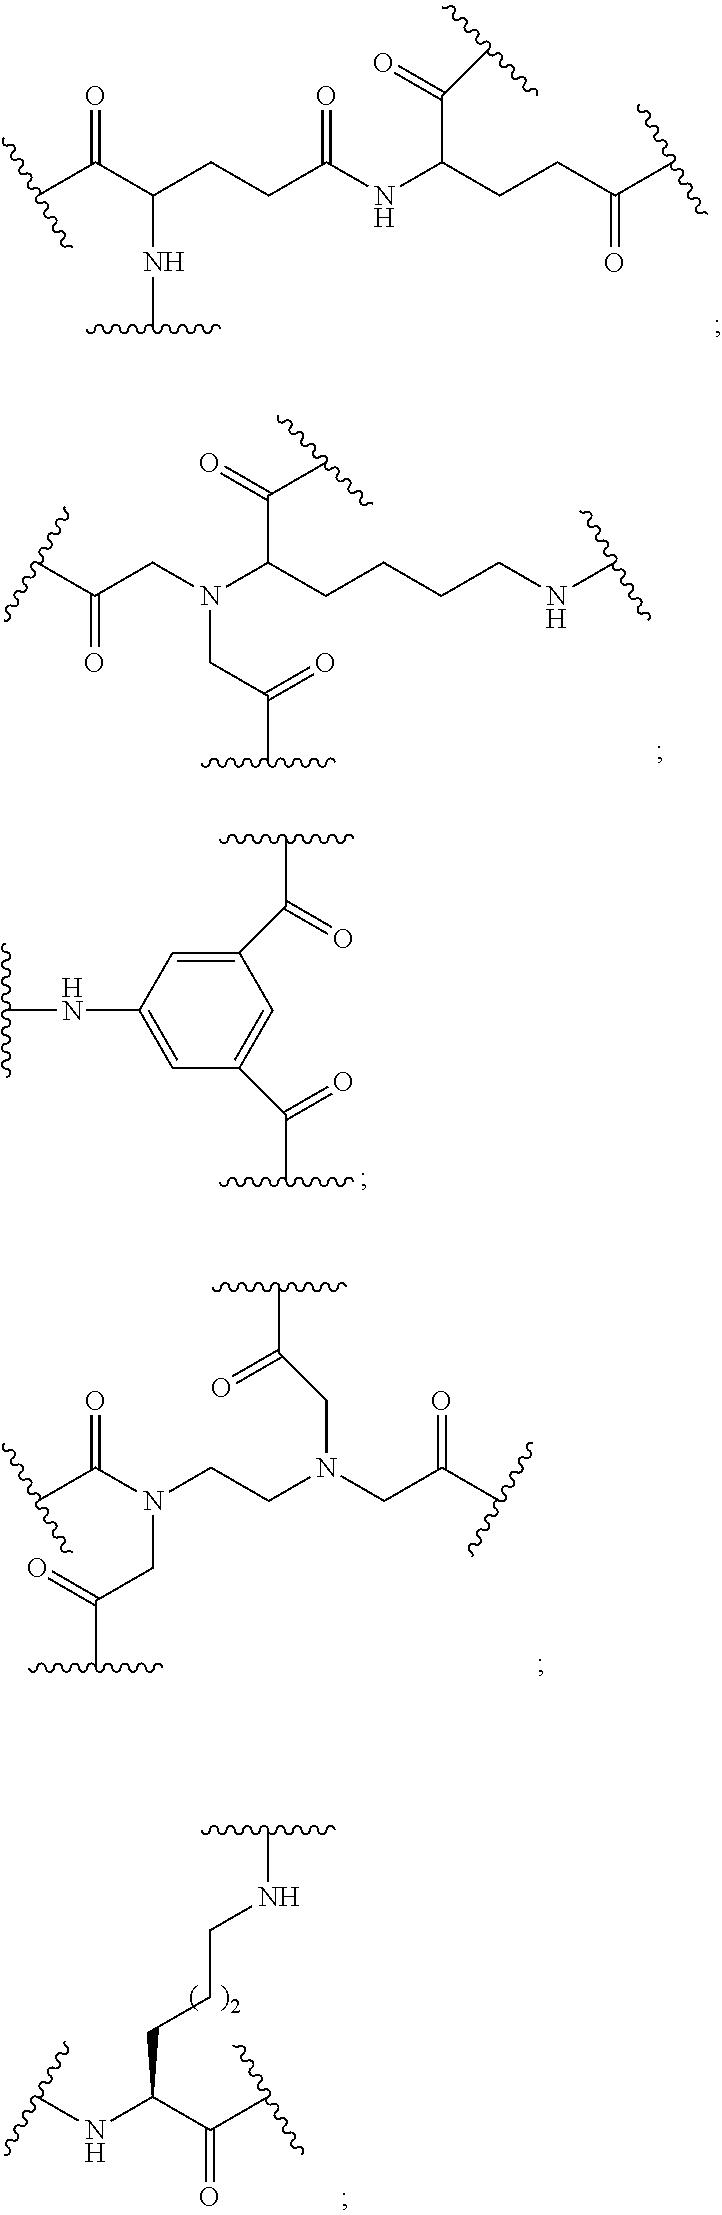 Figure US09957504-20180501-C00170